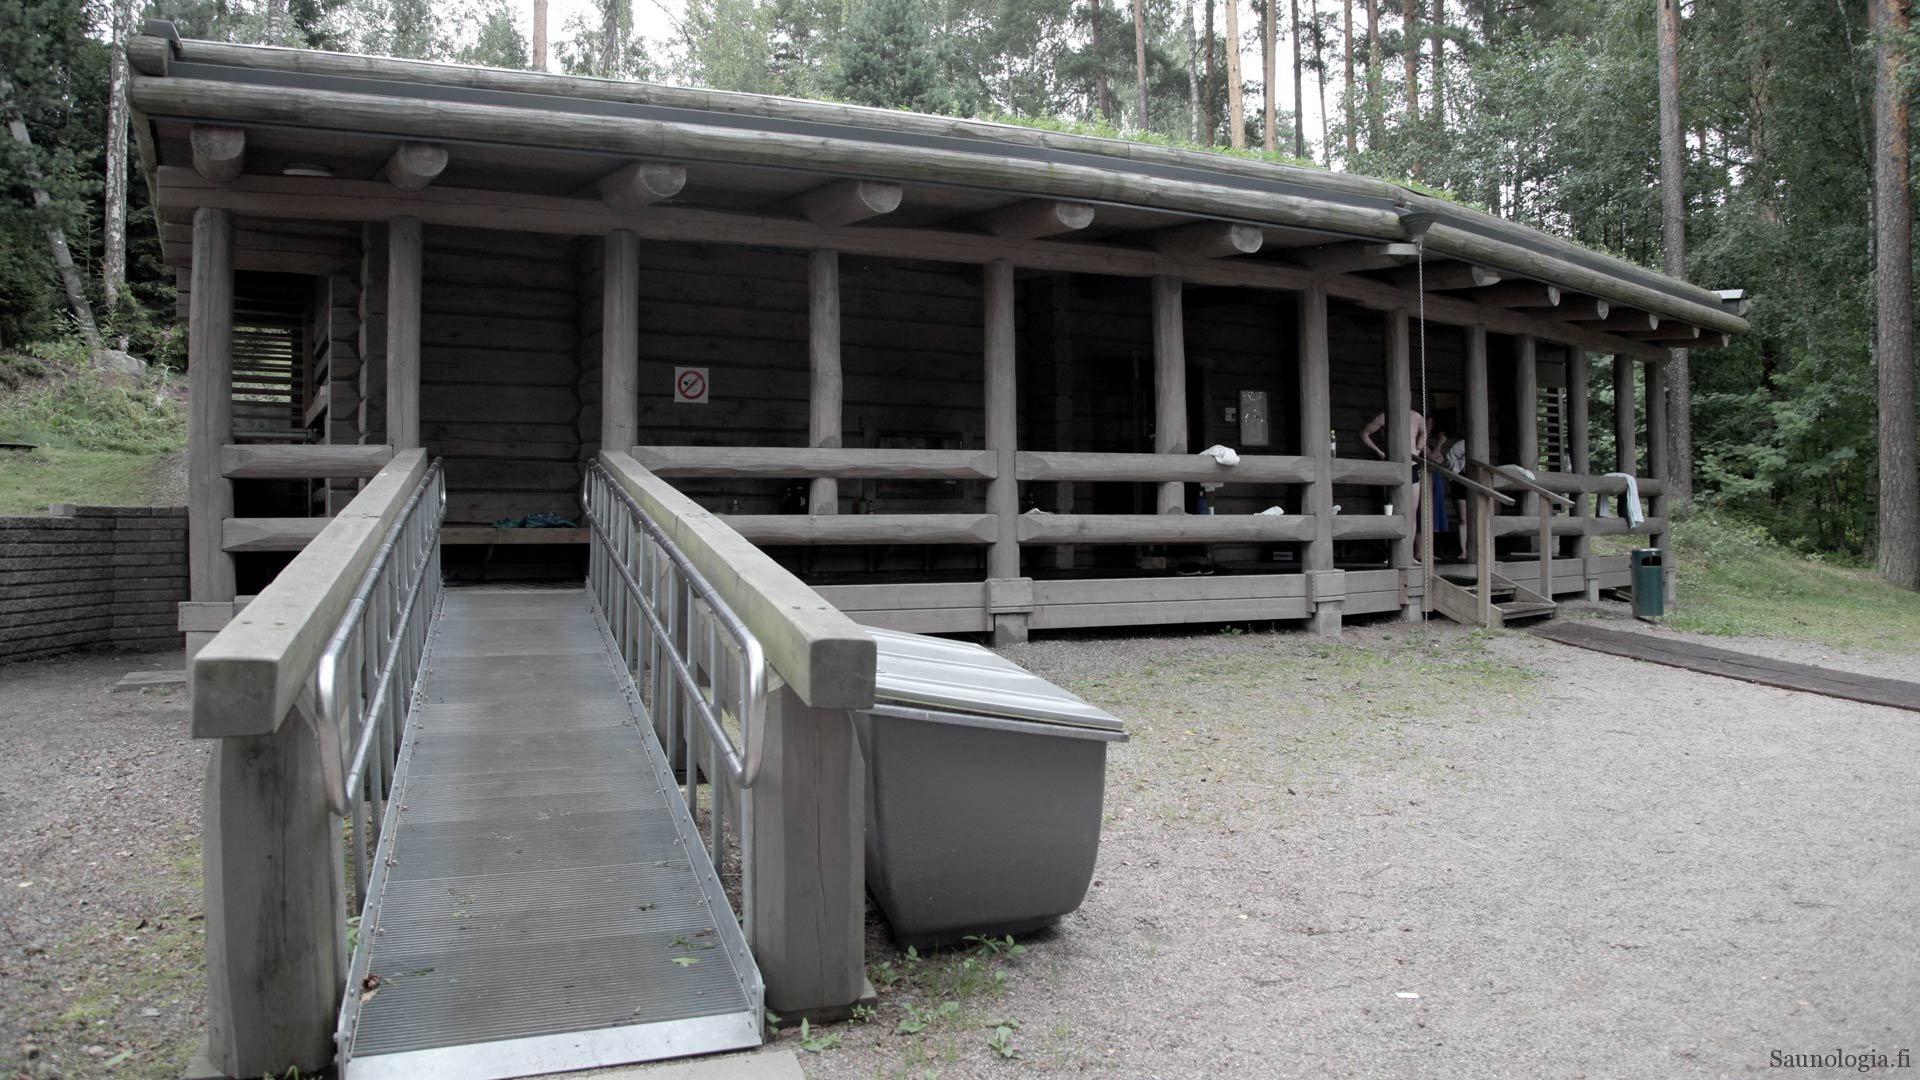 Saunakohdearvio Vantaan Kuusijärvi – savua ja sähköä sopivassa suhteessa